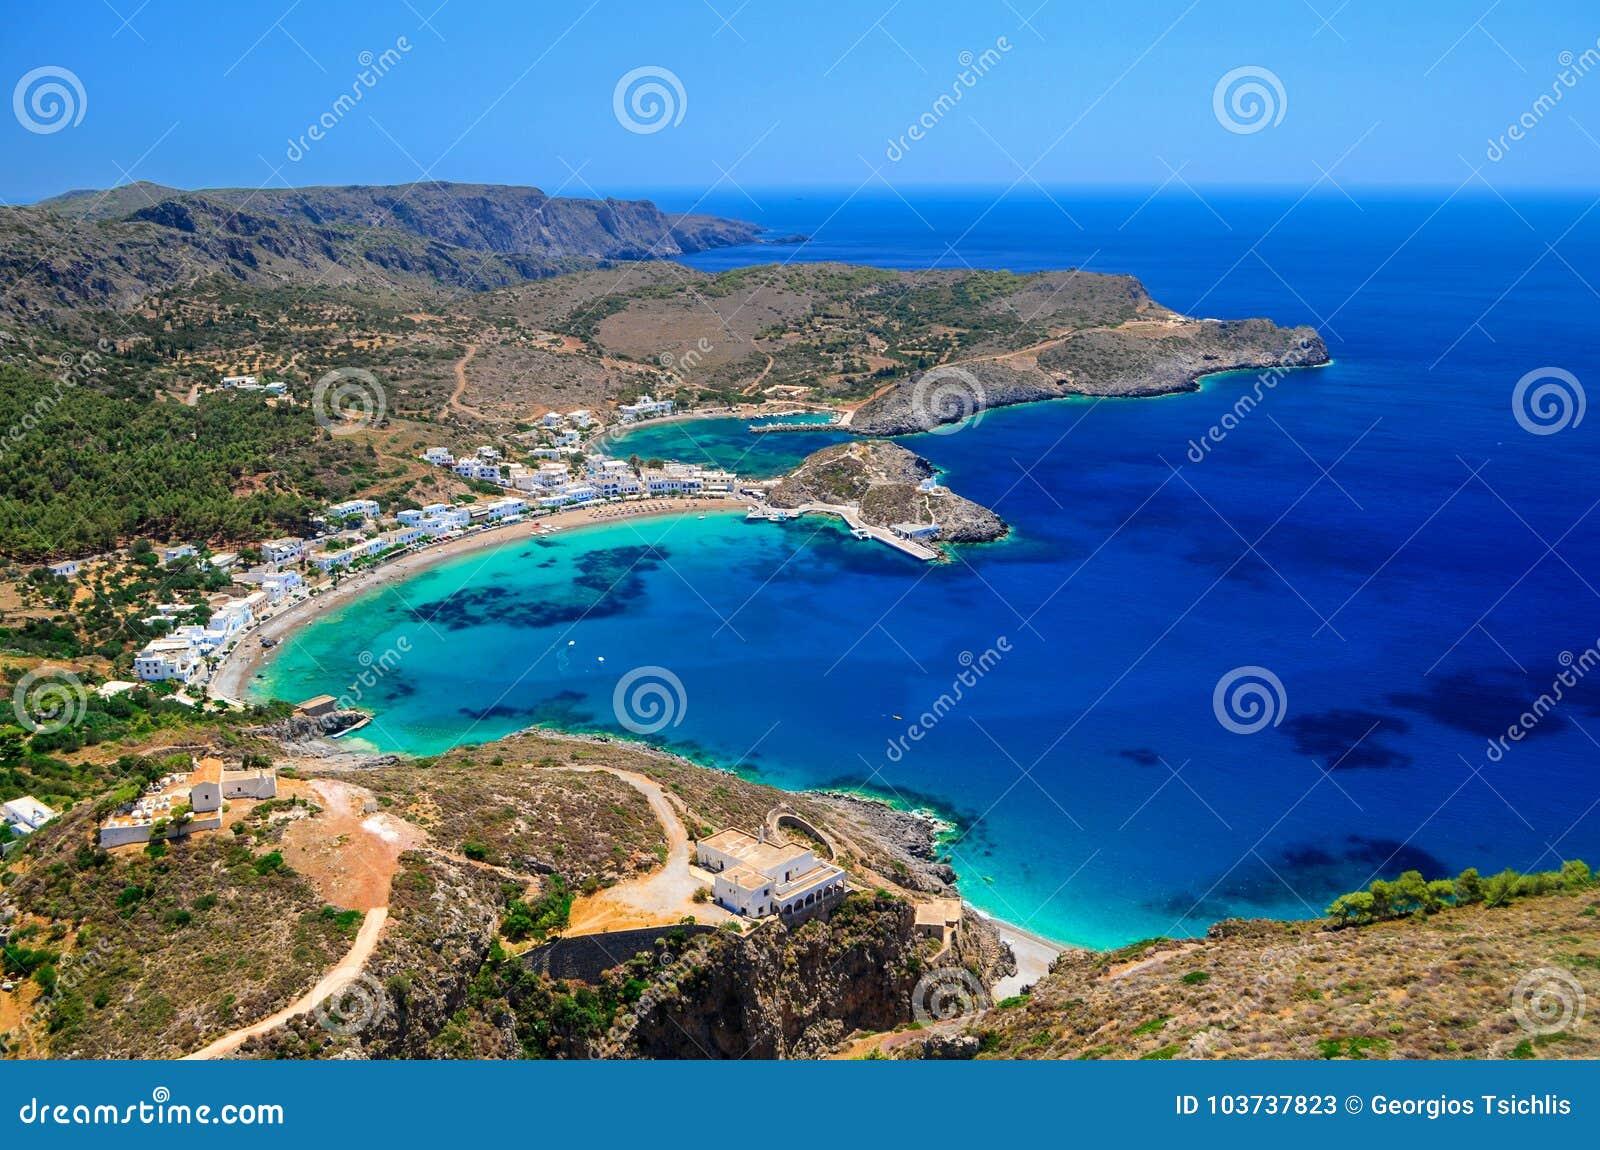 Kapsali village at Kithera island in Greece.